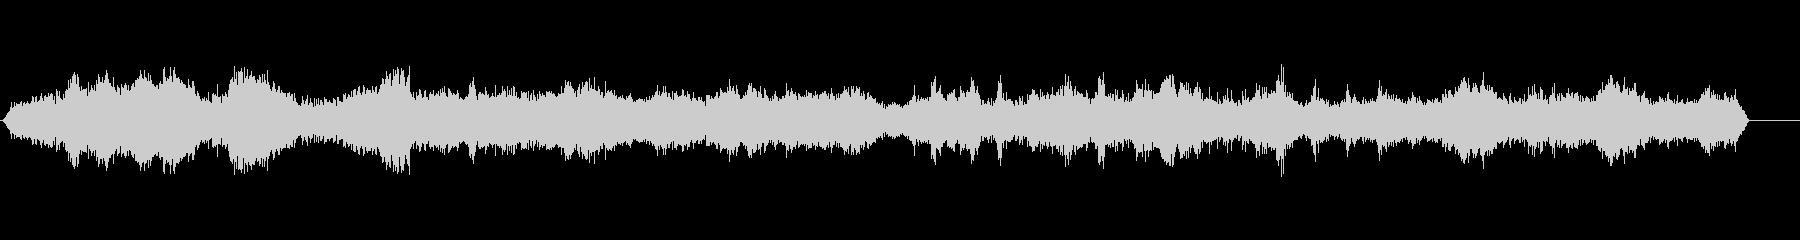 モト-レース-距離を置いての未再生の波形